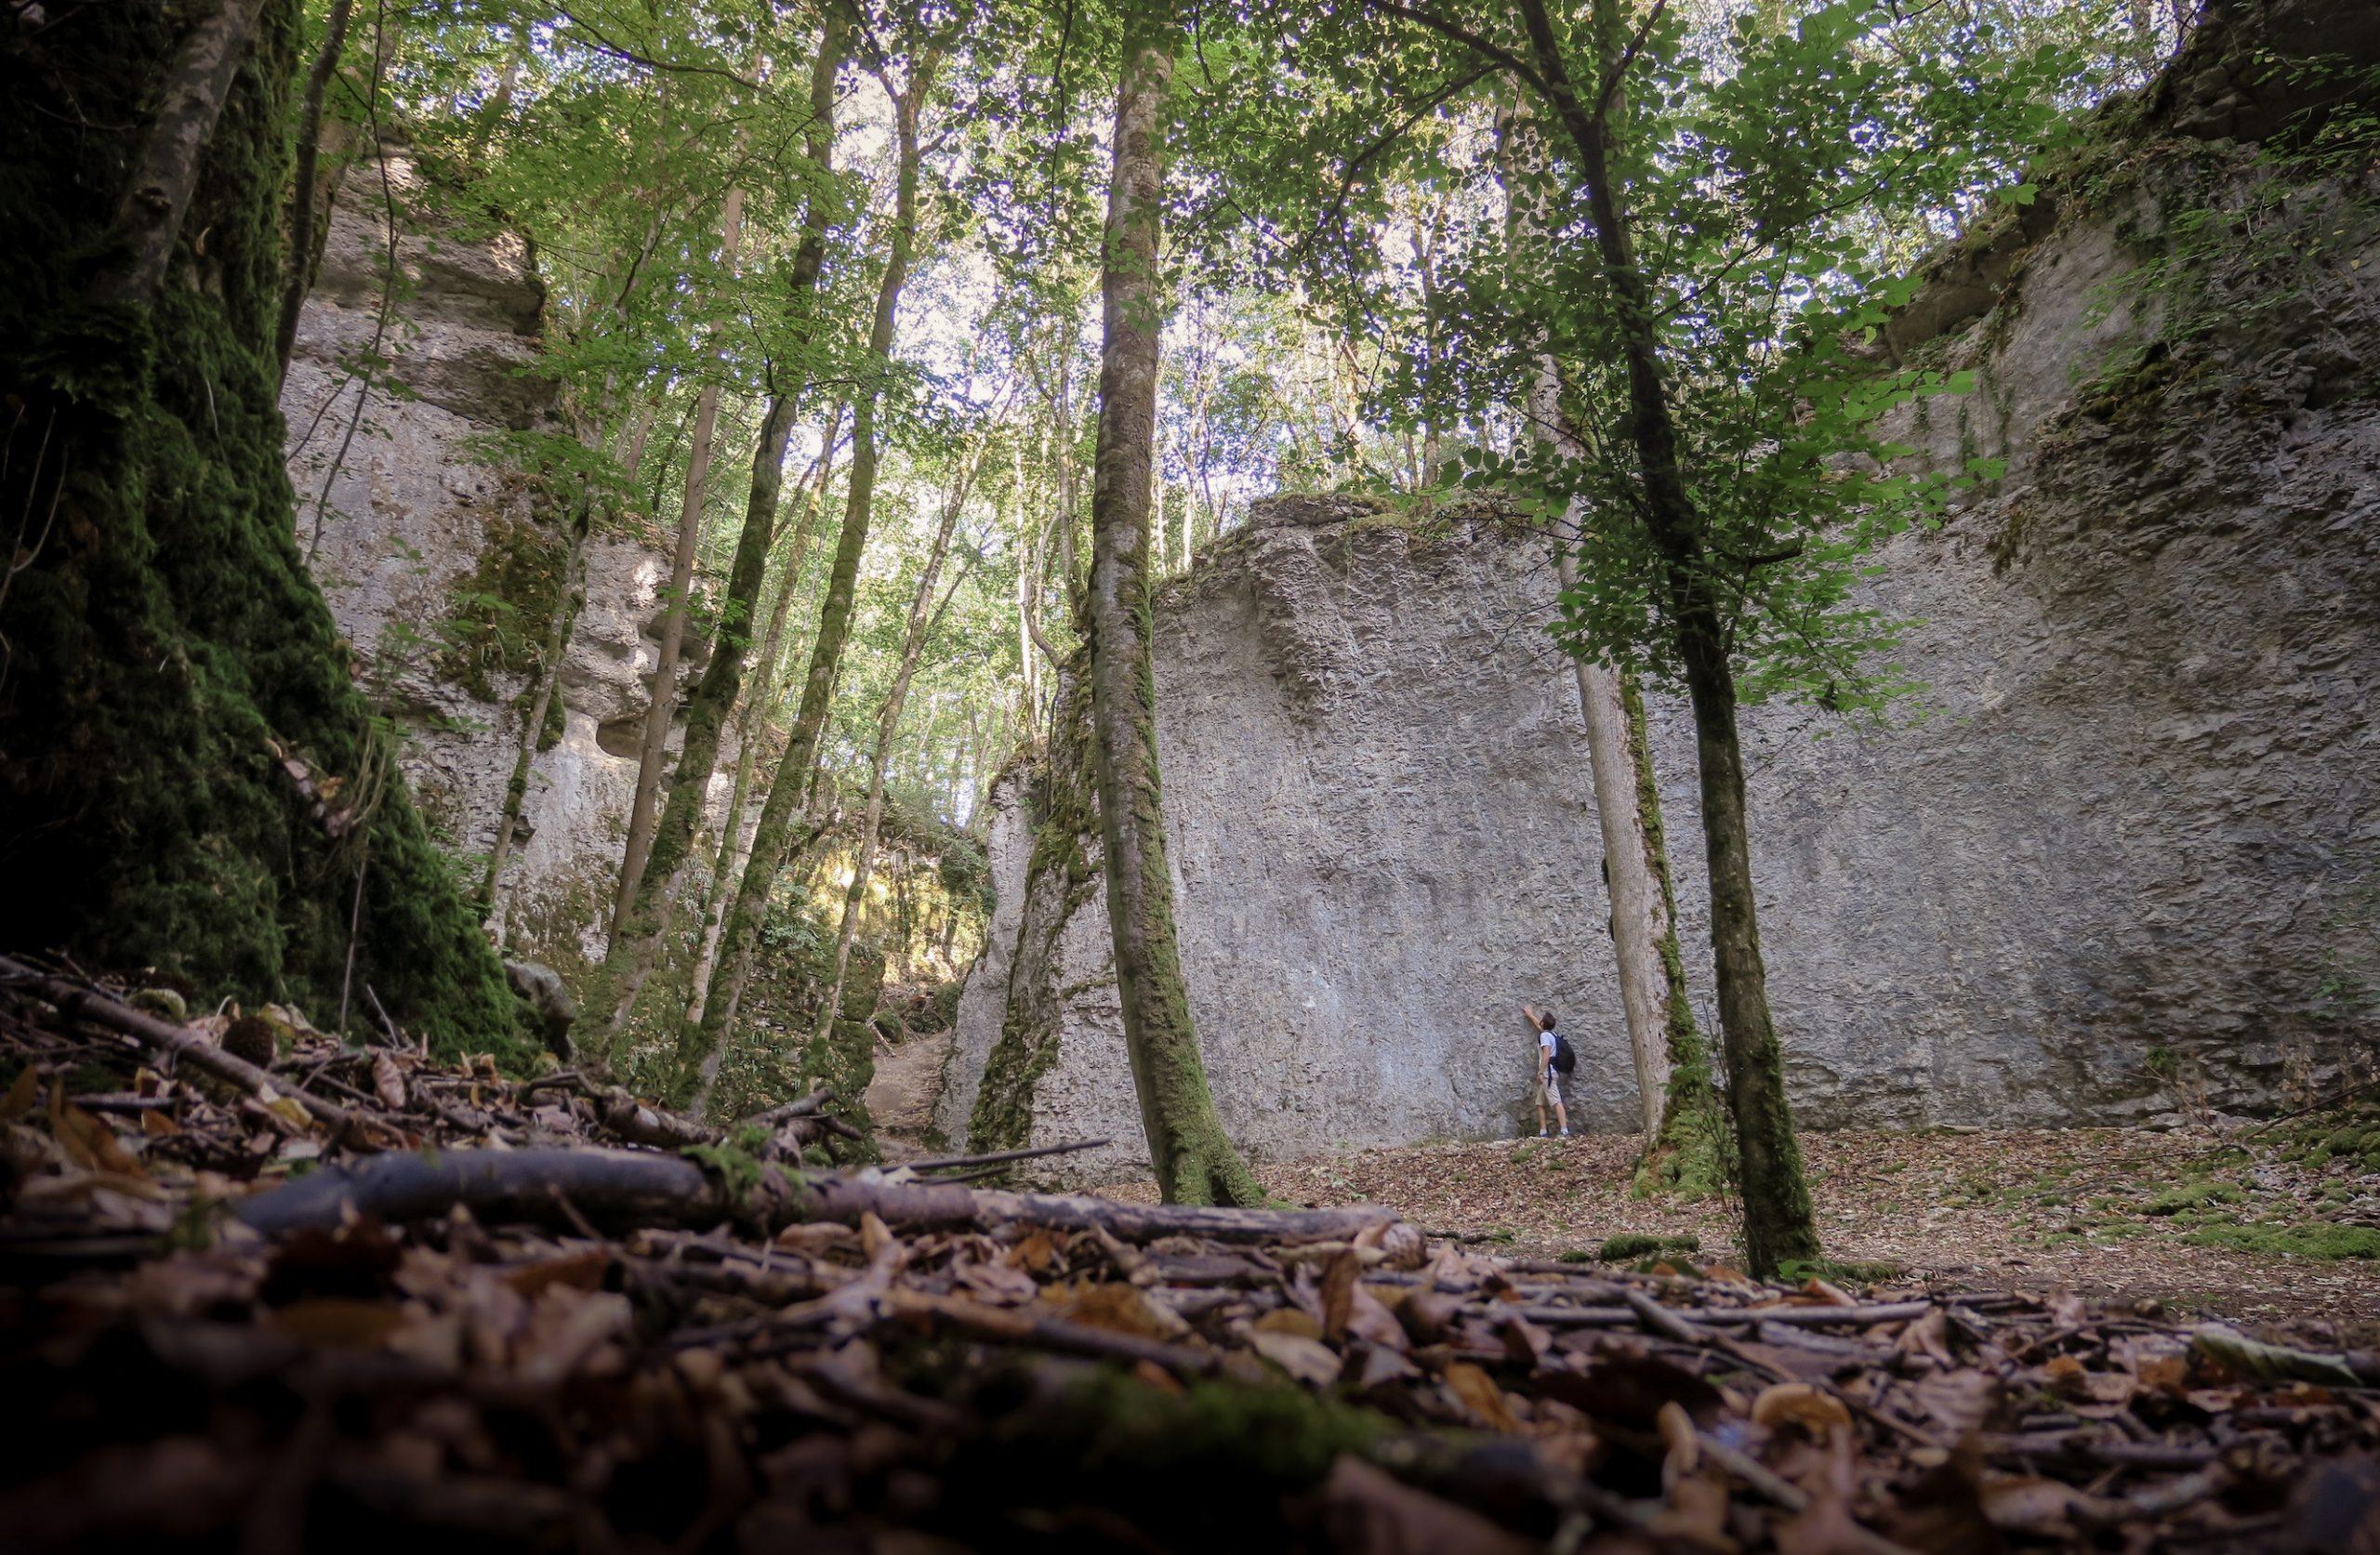 Auberive, Châteauvillain et co : les bons spots haut-marnais du Parc national de forêts